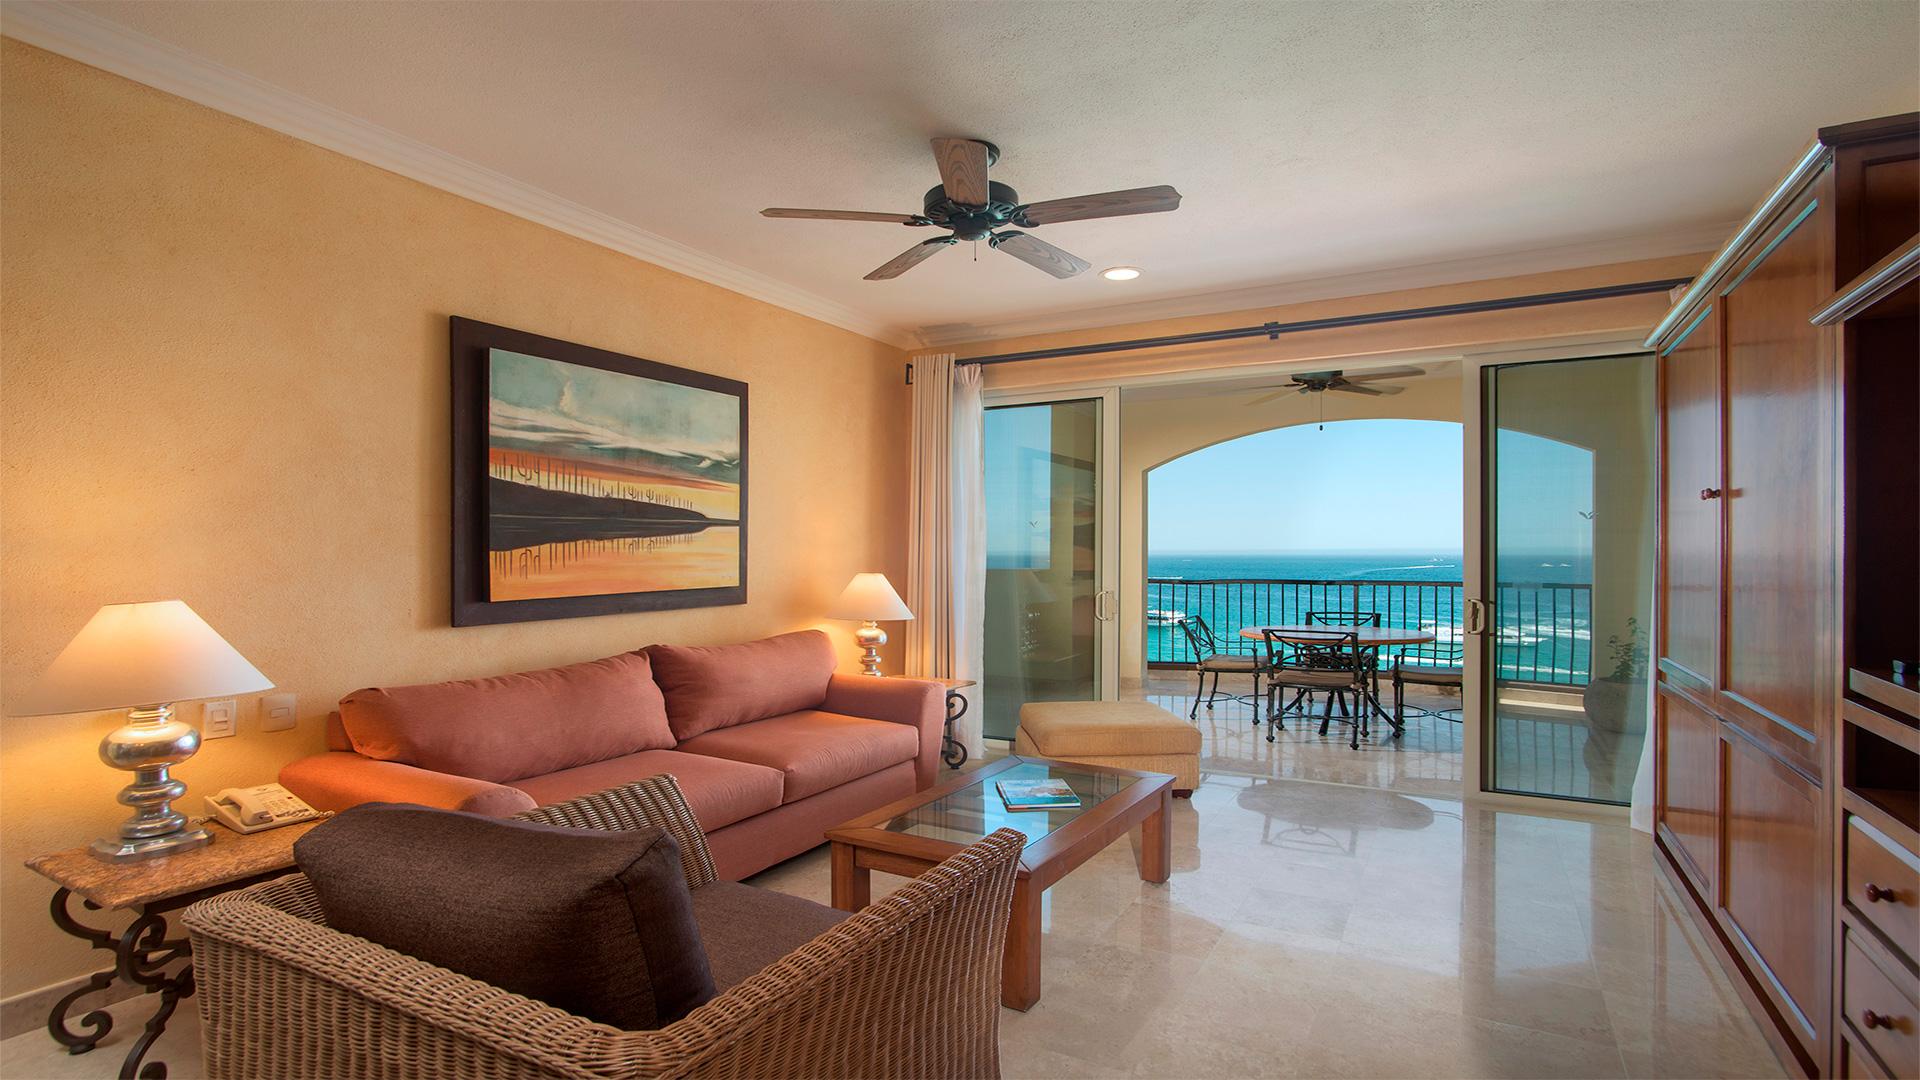 Villa del arco cabo san lucas one bedroom suite 2